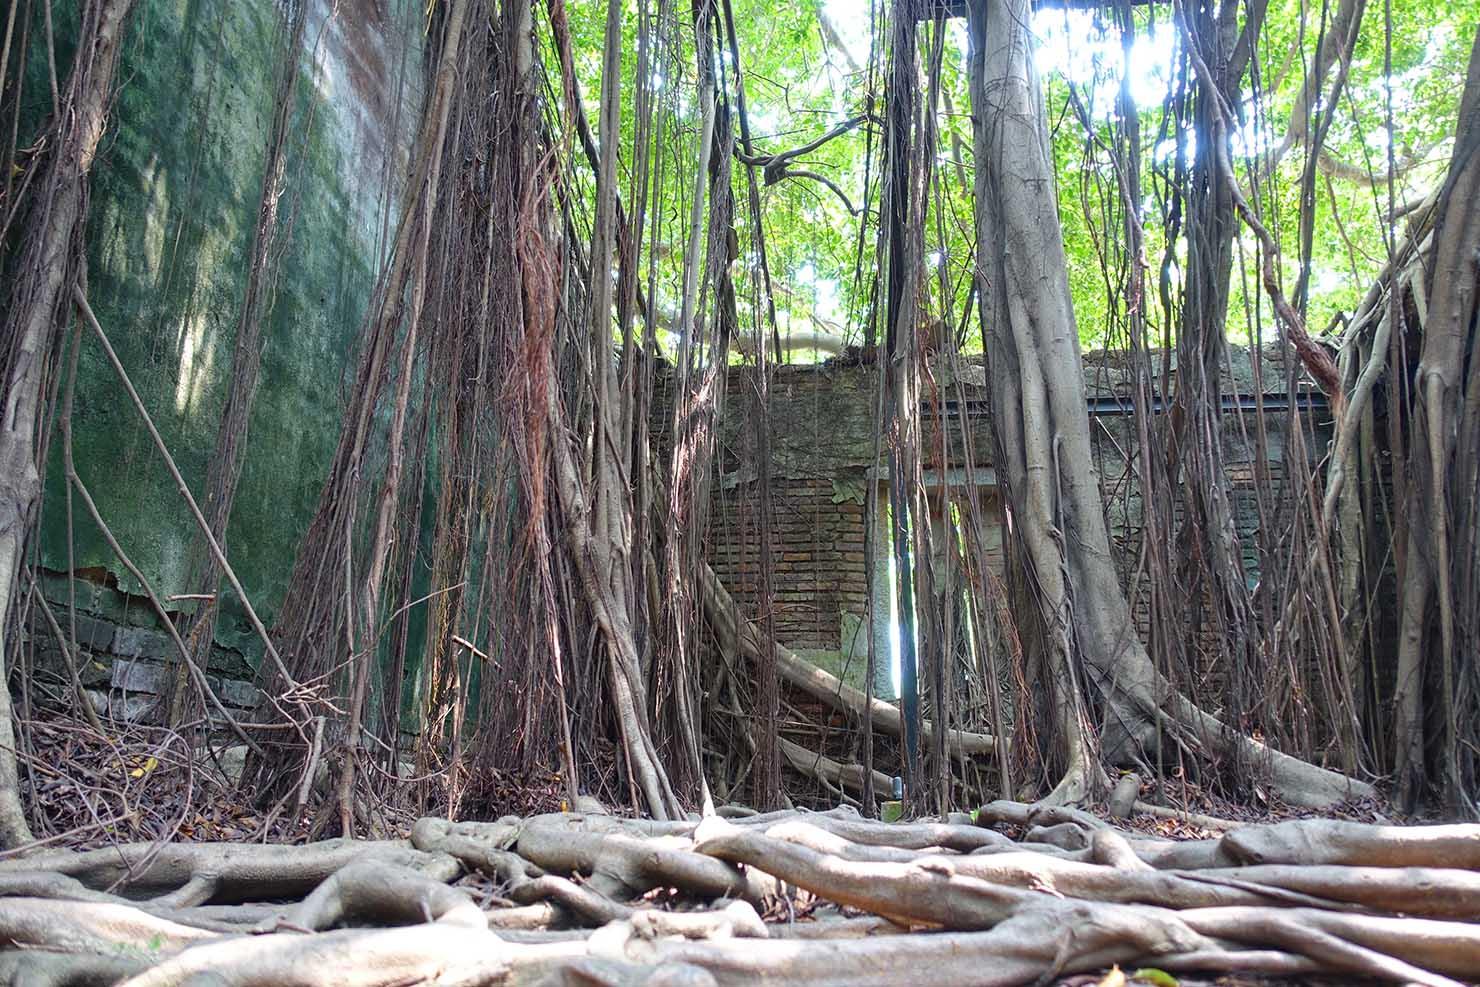 台湾の古都・台南のおすすめ観光スポット「安平樹屋」内部に伸びる榕樹(ガジュマル)の根